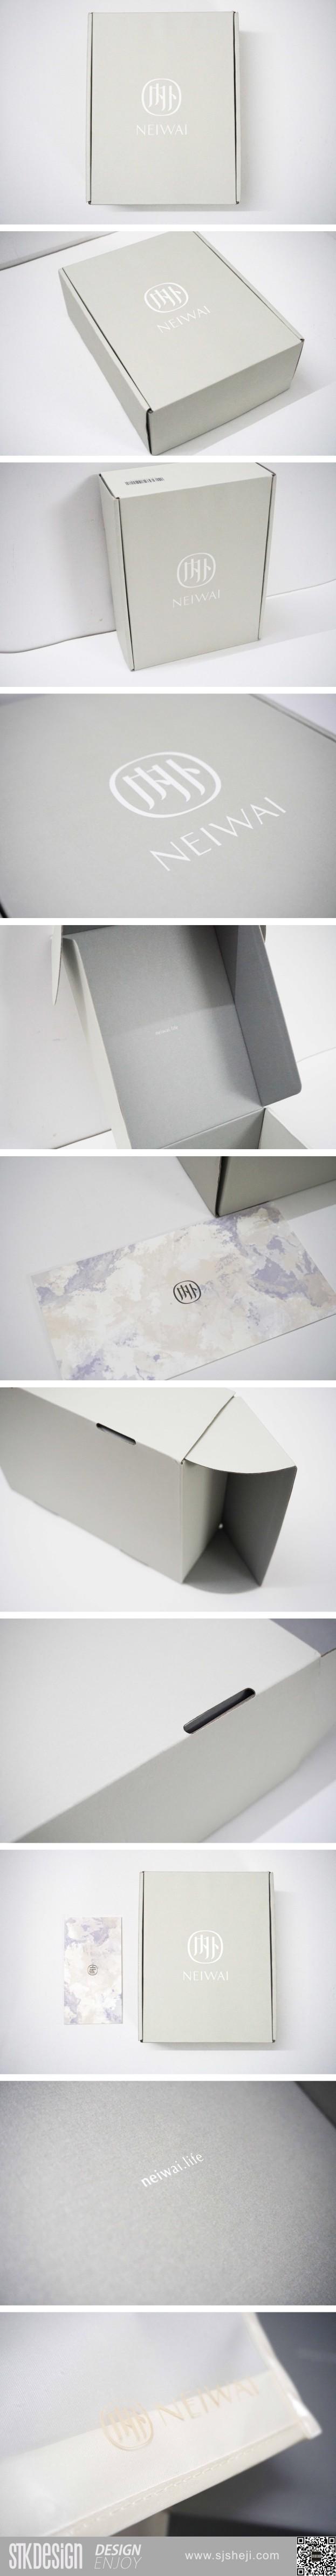 NEIWAI字体LOGO内衣包装盒设计